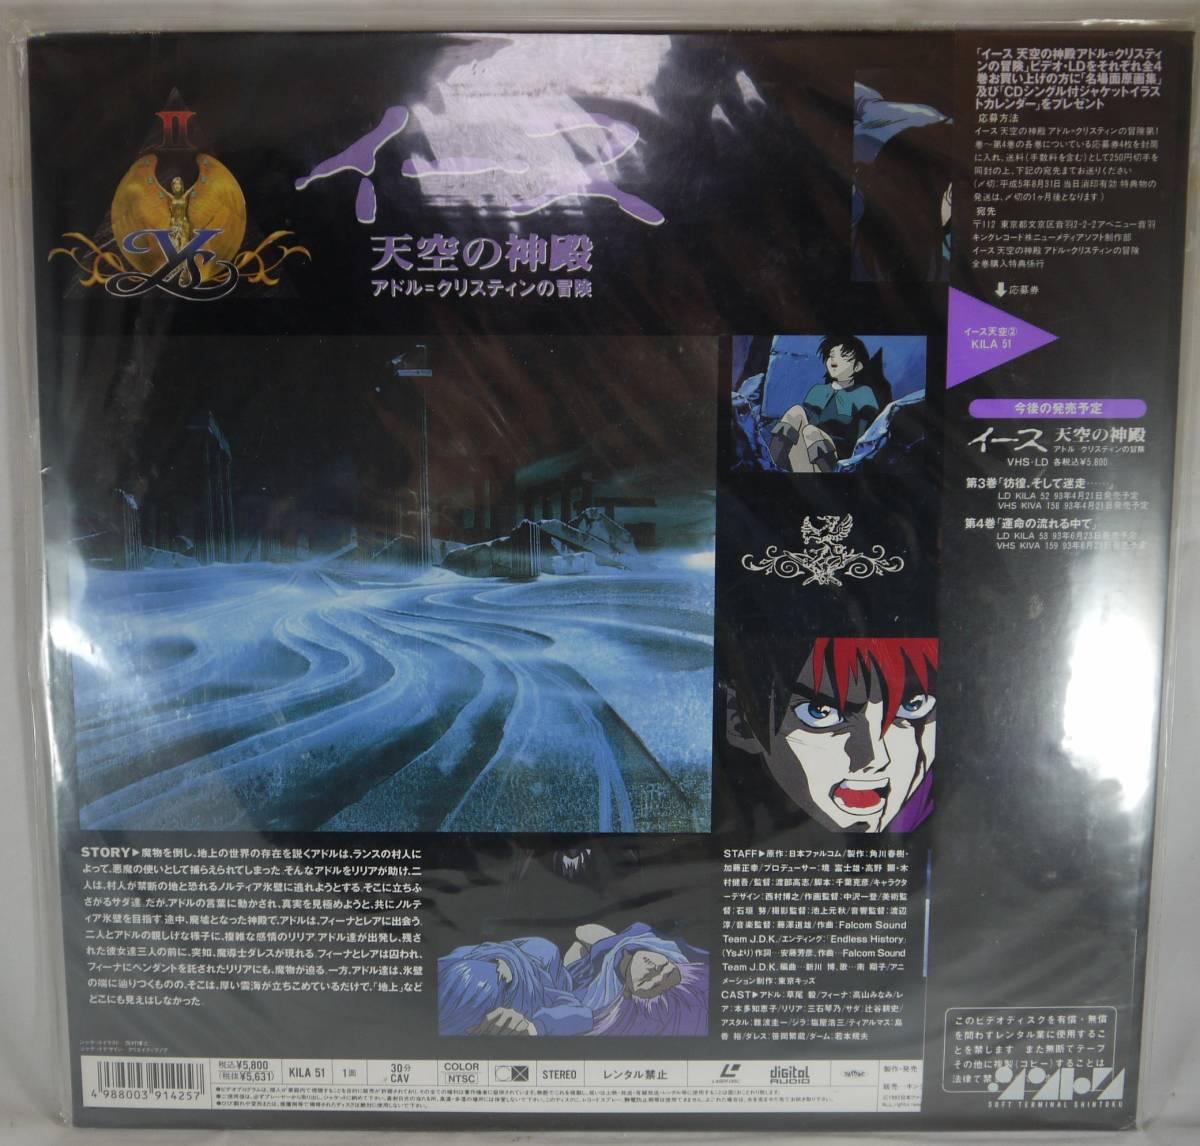 イース 天空の神殿 アドル クリスティンの冒険 Vol2 キングレコード LASER DISC LD レーザーディスク 世界果つるところ_画像2